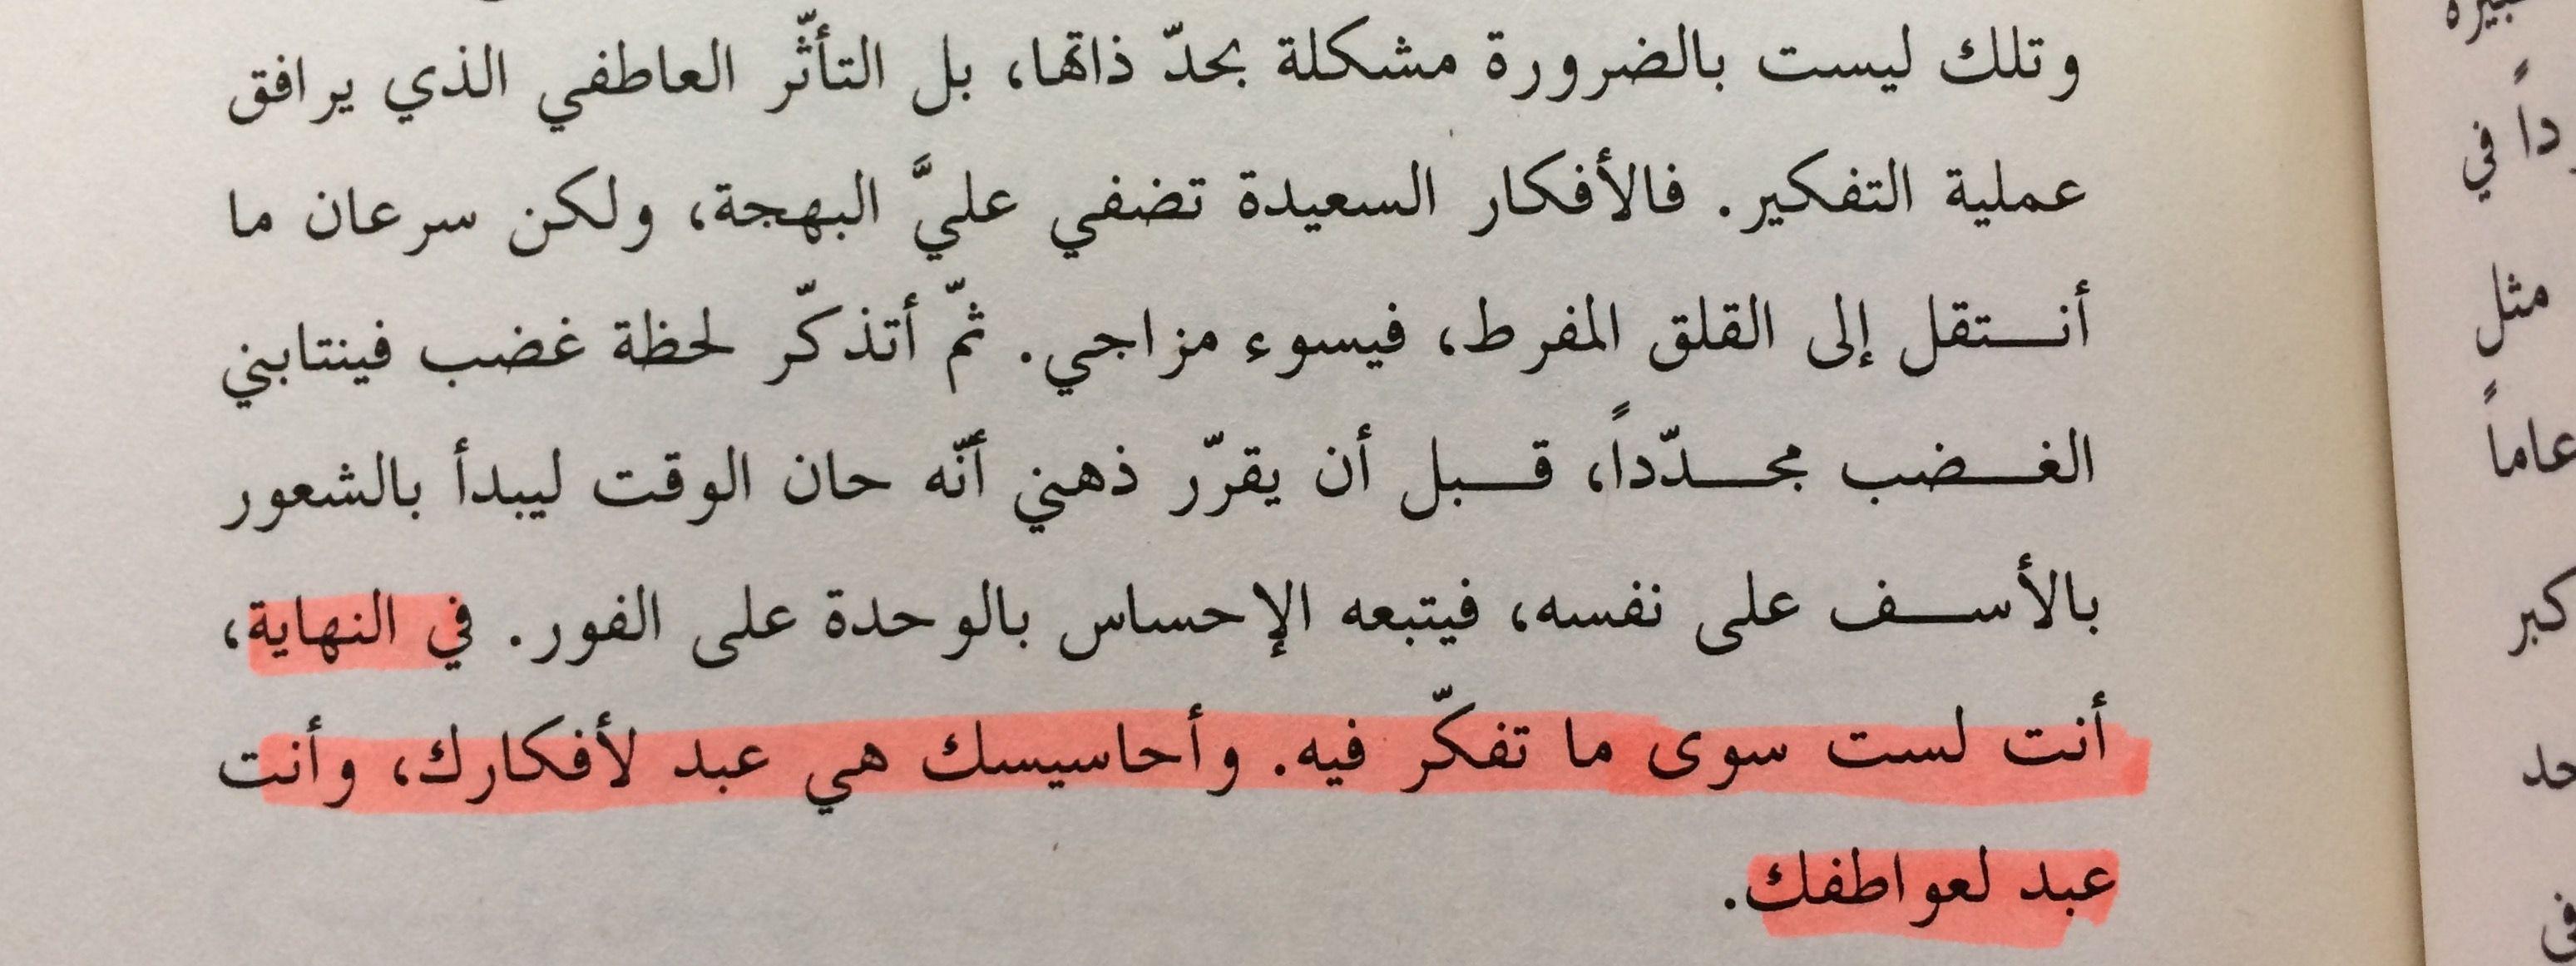 من رواية طعام صلاة ح ب إليزابيث جيلبرت Bullet Journal Dsi Calligraphy